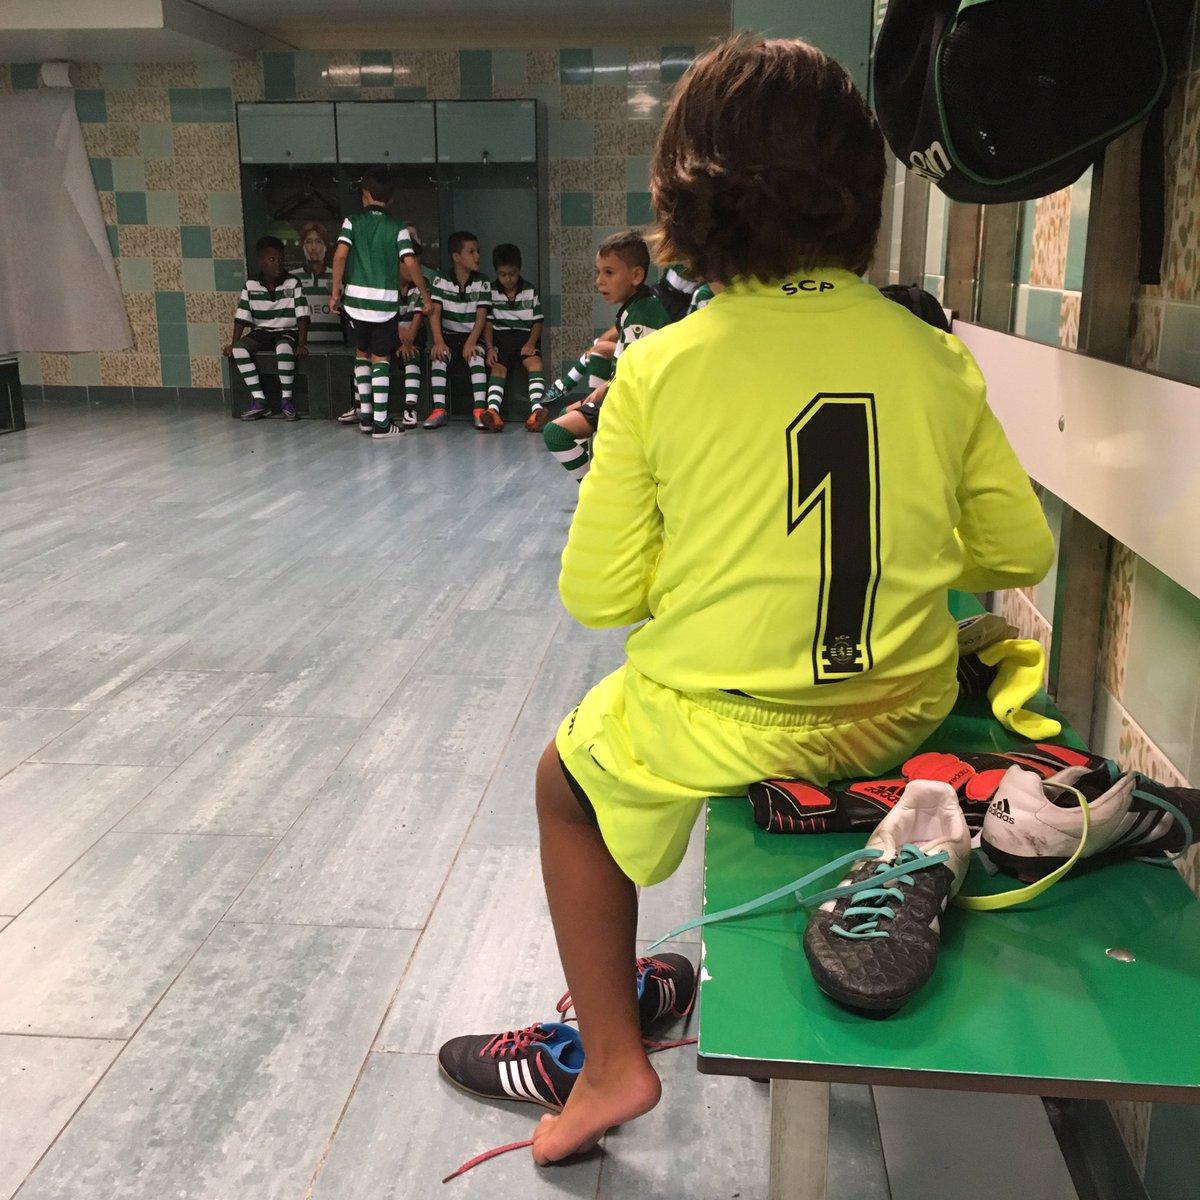 O futuro Rui Patrício (para já nos sub-8) #istoéoSporting #DiadeFormação https://t.co/deJR7bF2XP